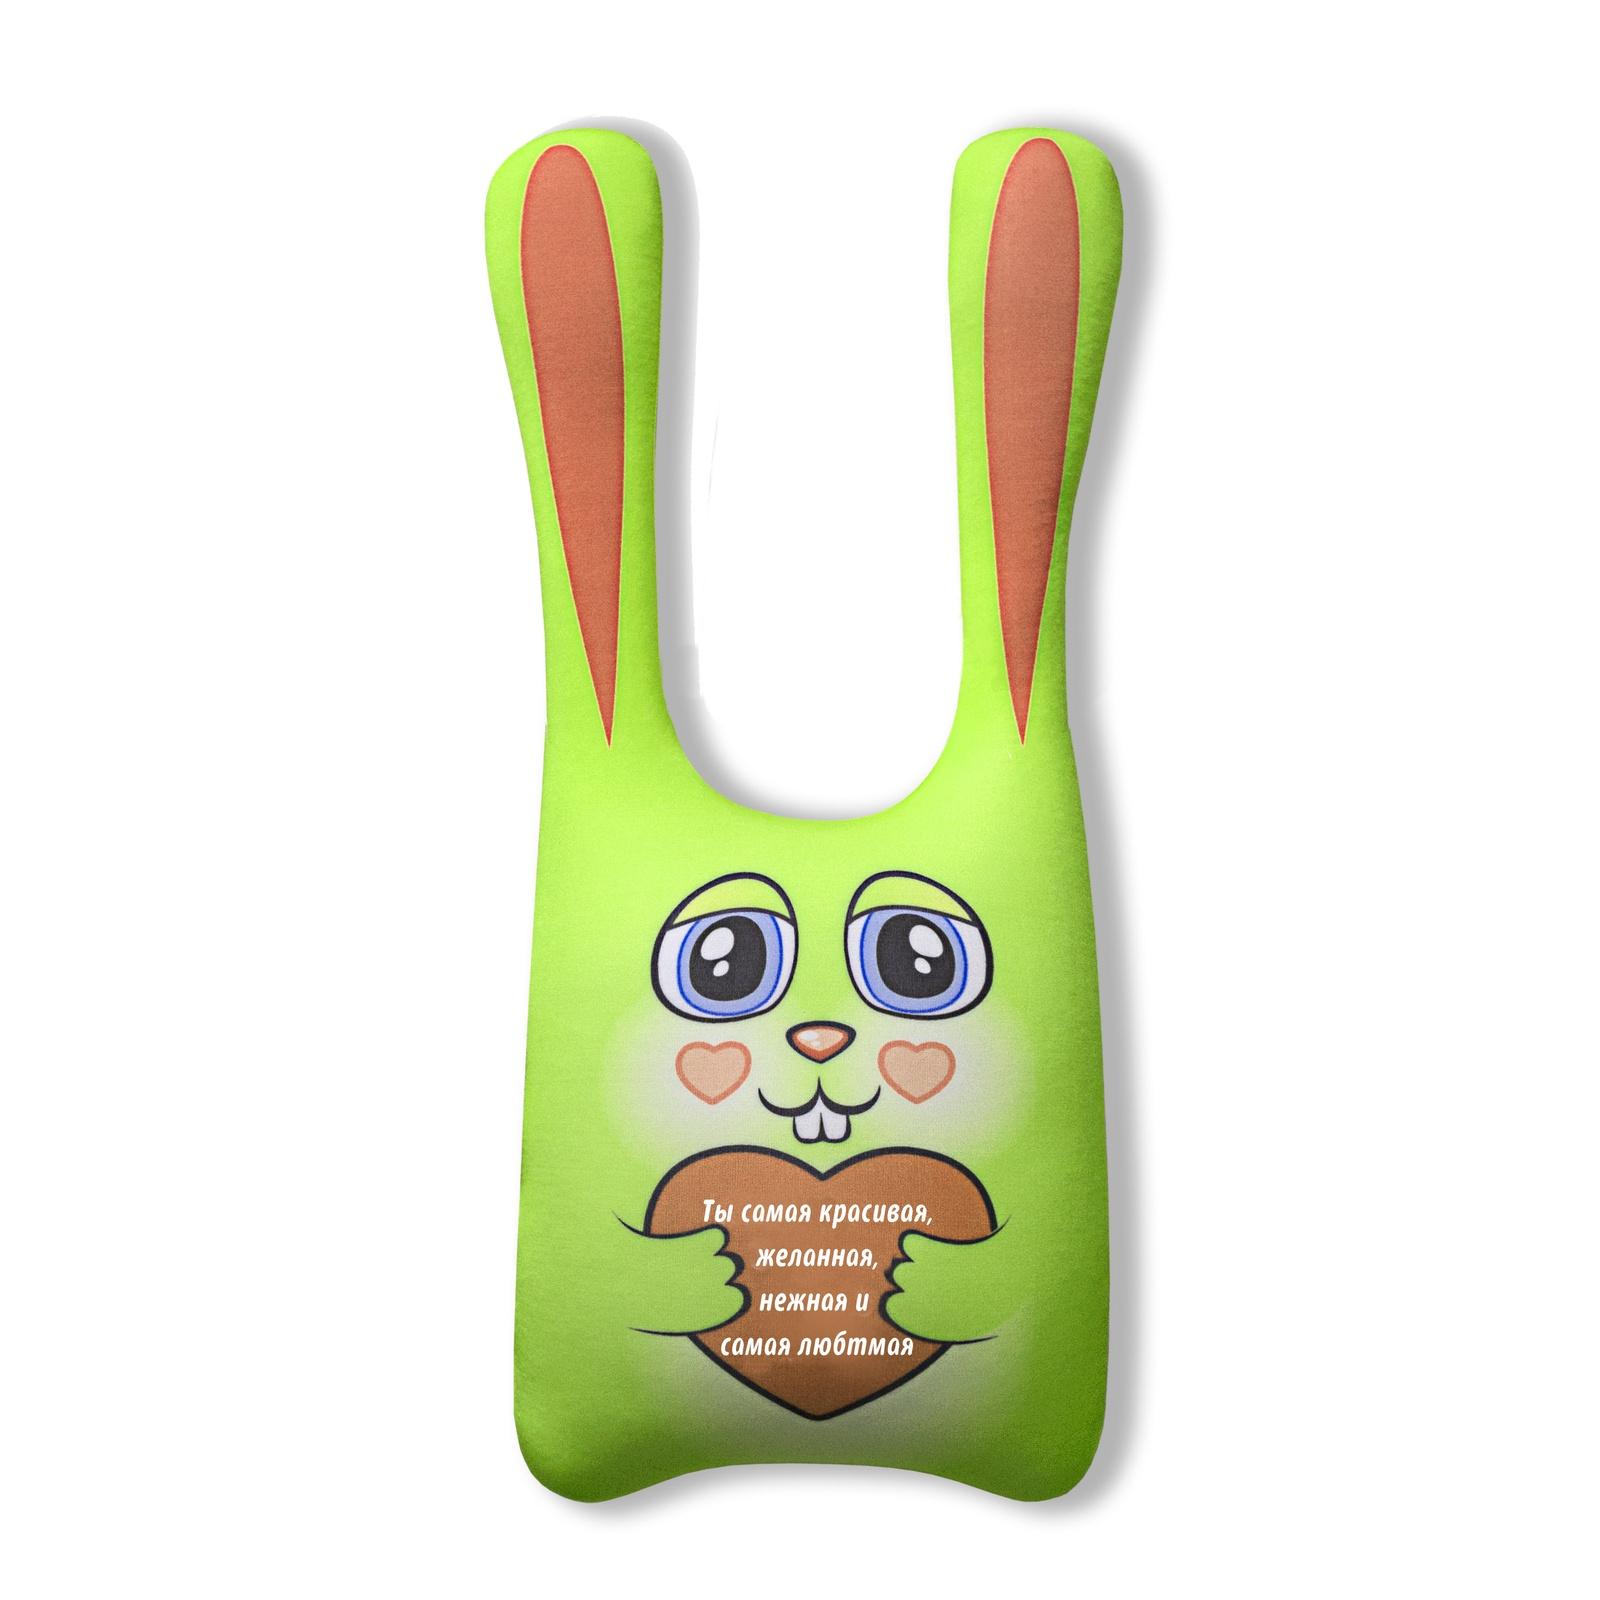 Подушка-игрушка антистрессовая Зайчик Валентинка, зеленый